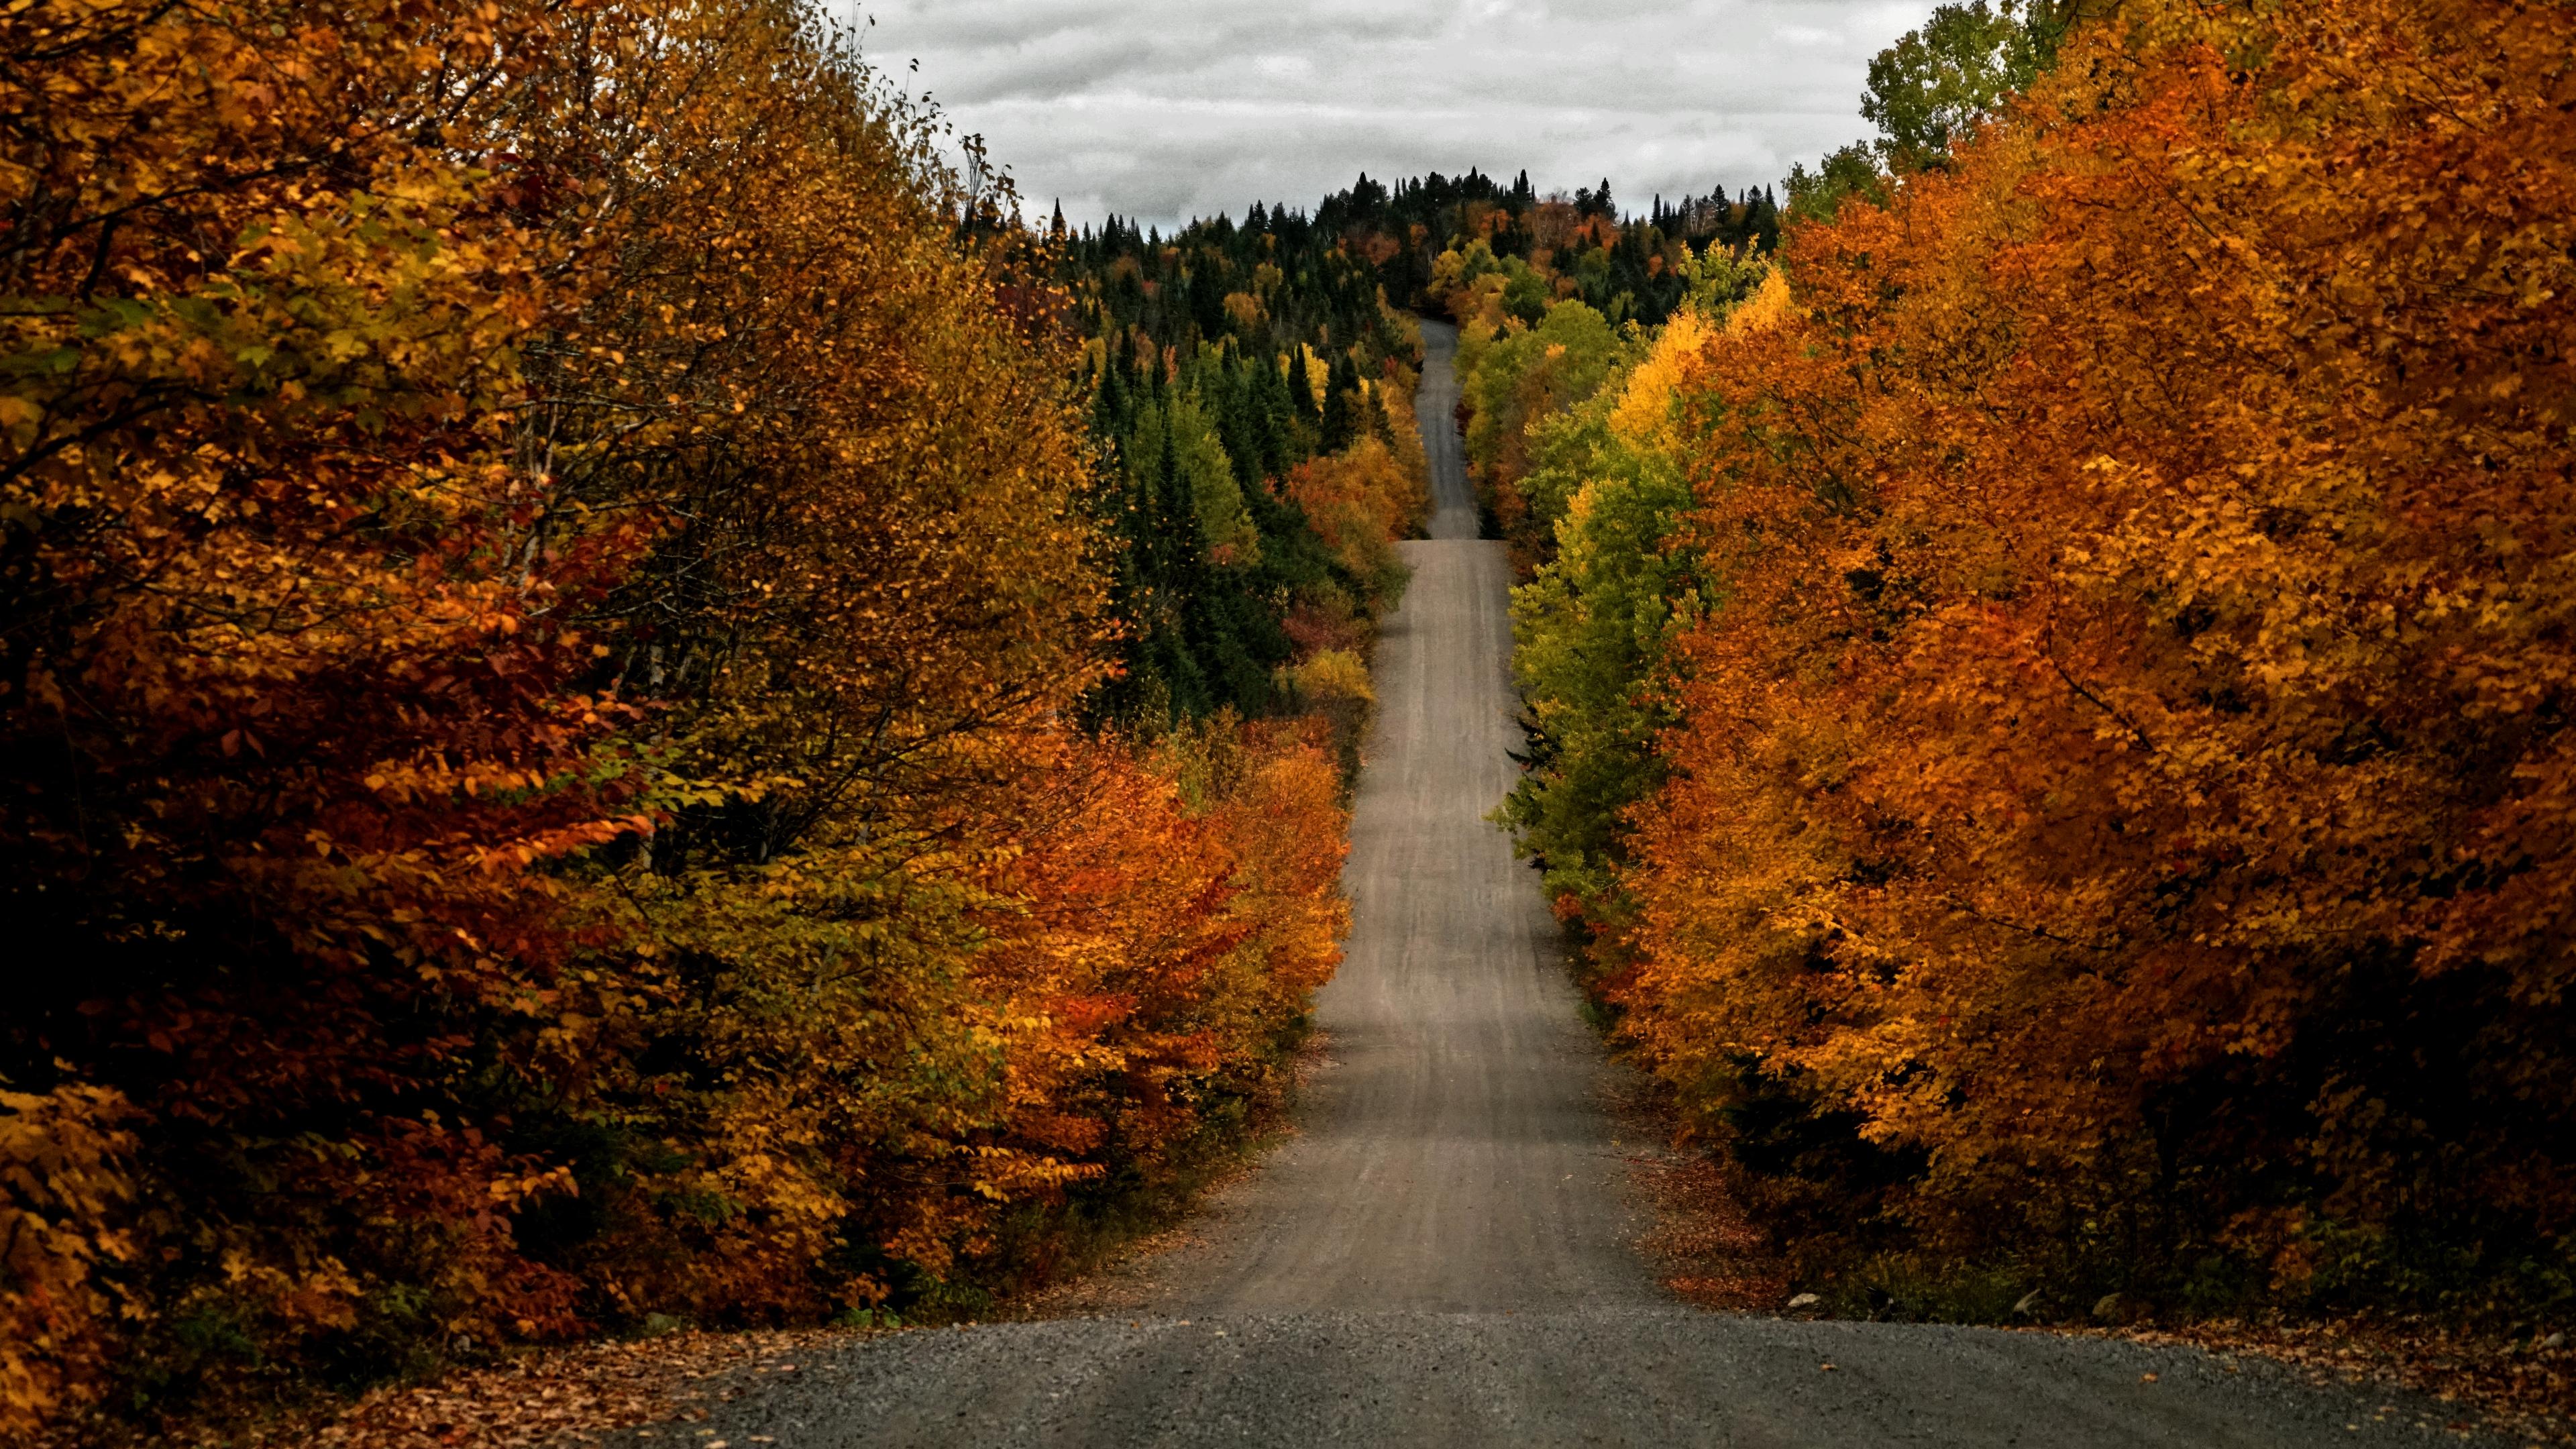 無料画像 秋 カナダ ケベック州 木 色 森林 自然 パス 道路